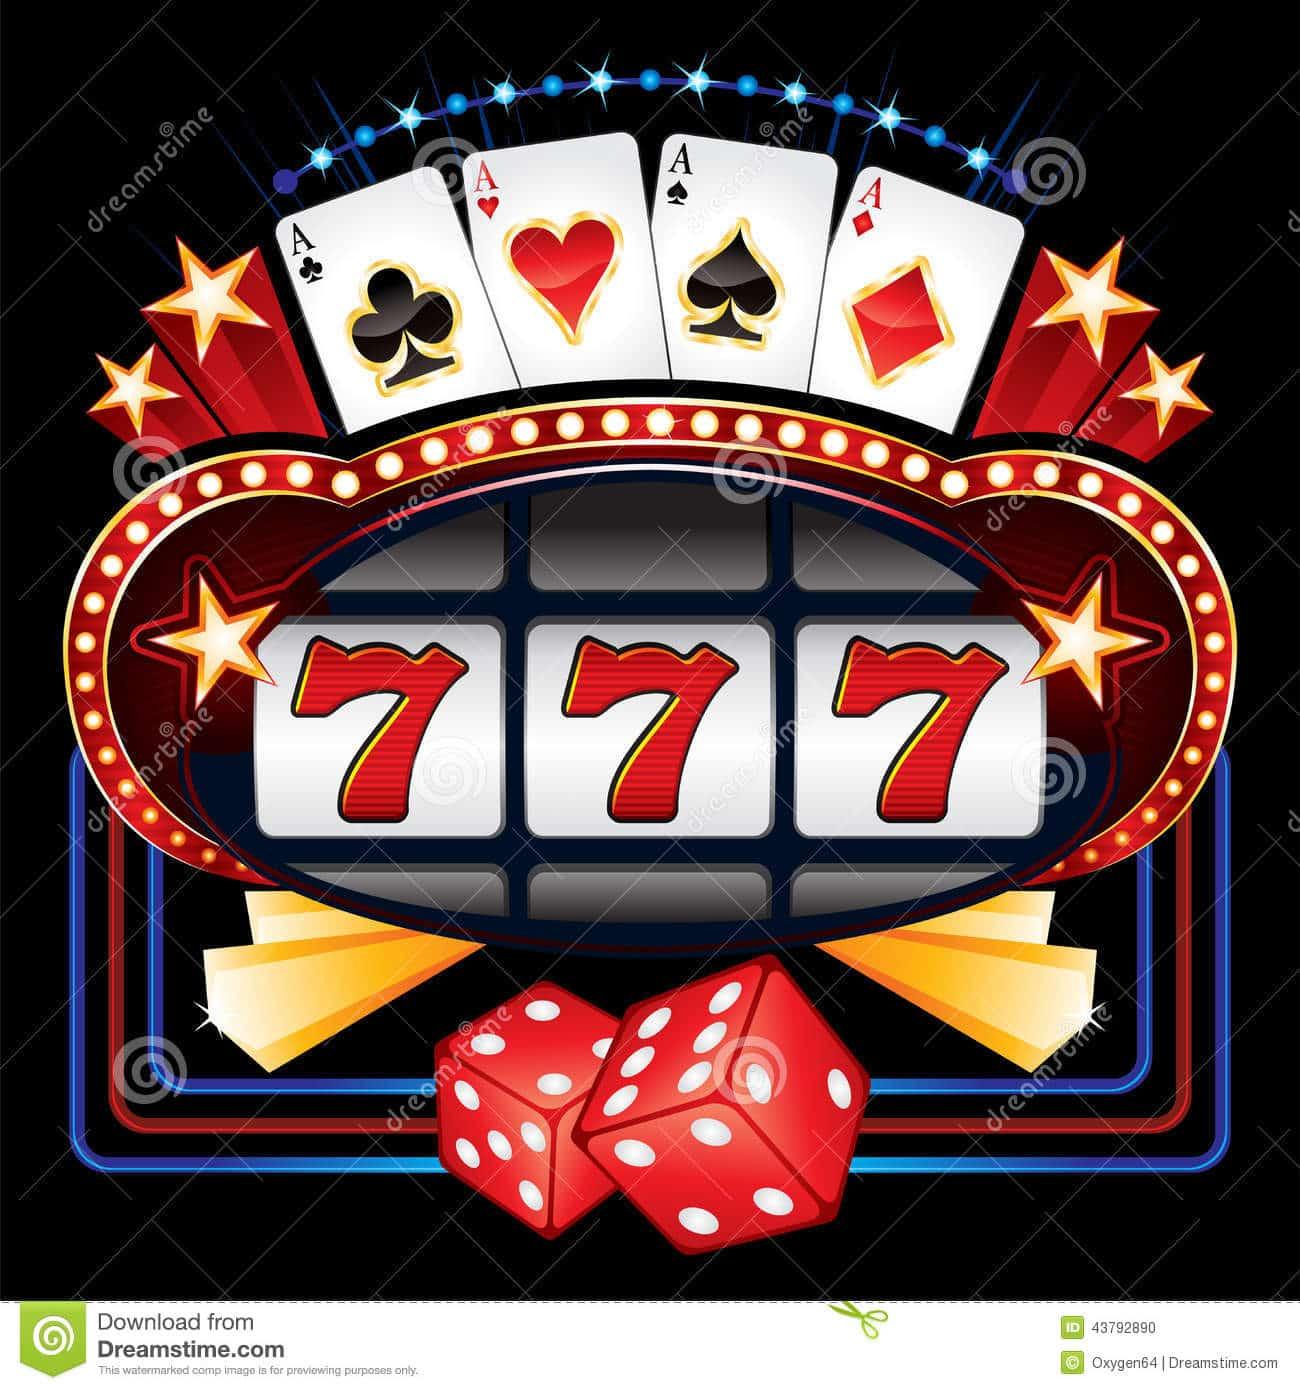 Casino en ligne : Je vous donne mes raisons et vous explique mon choix de jouer aux machines à sous